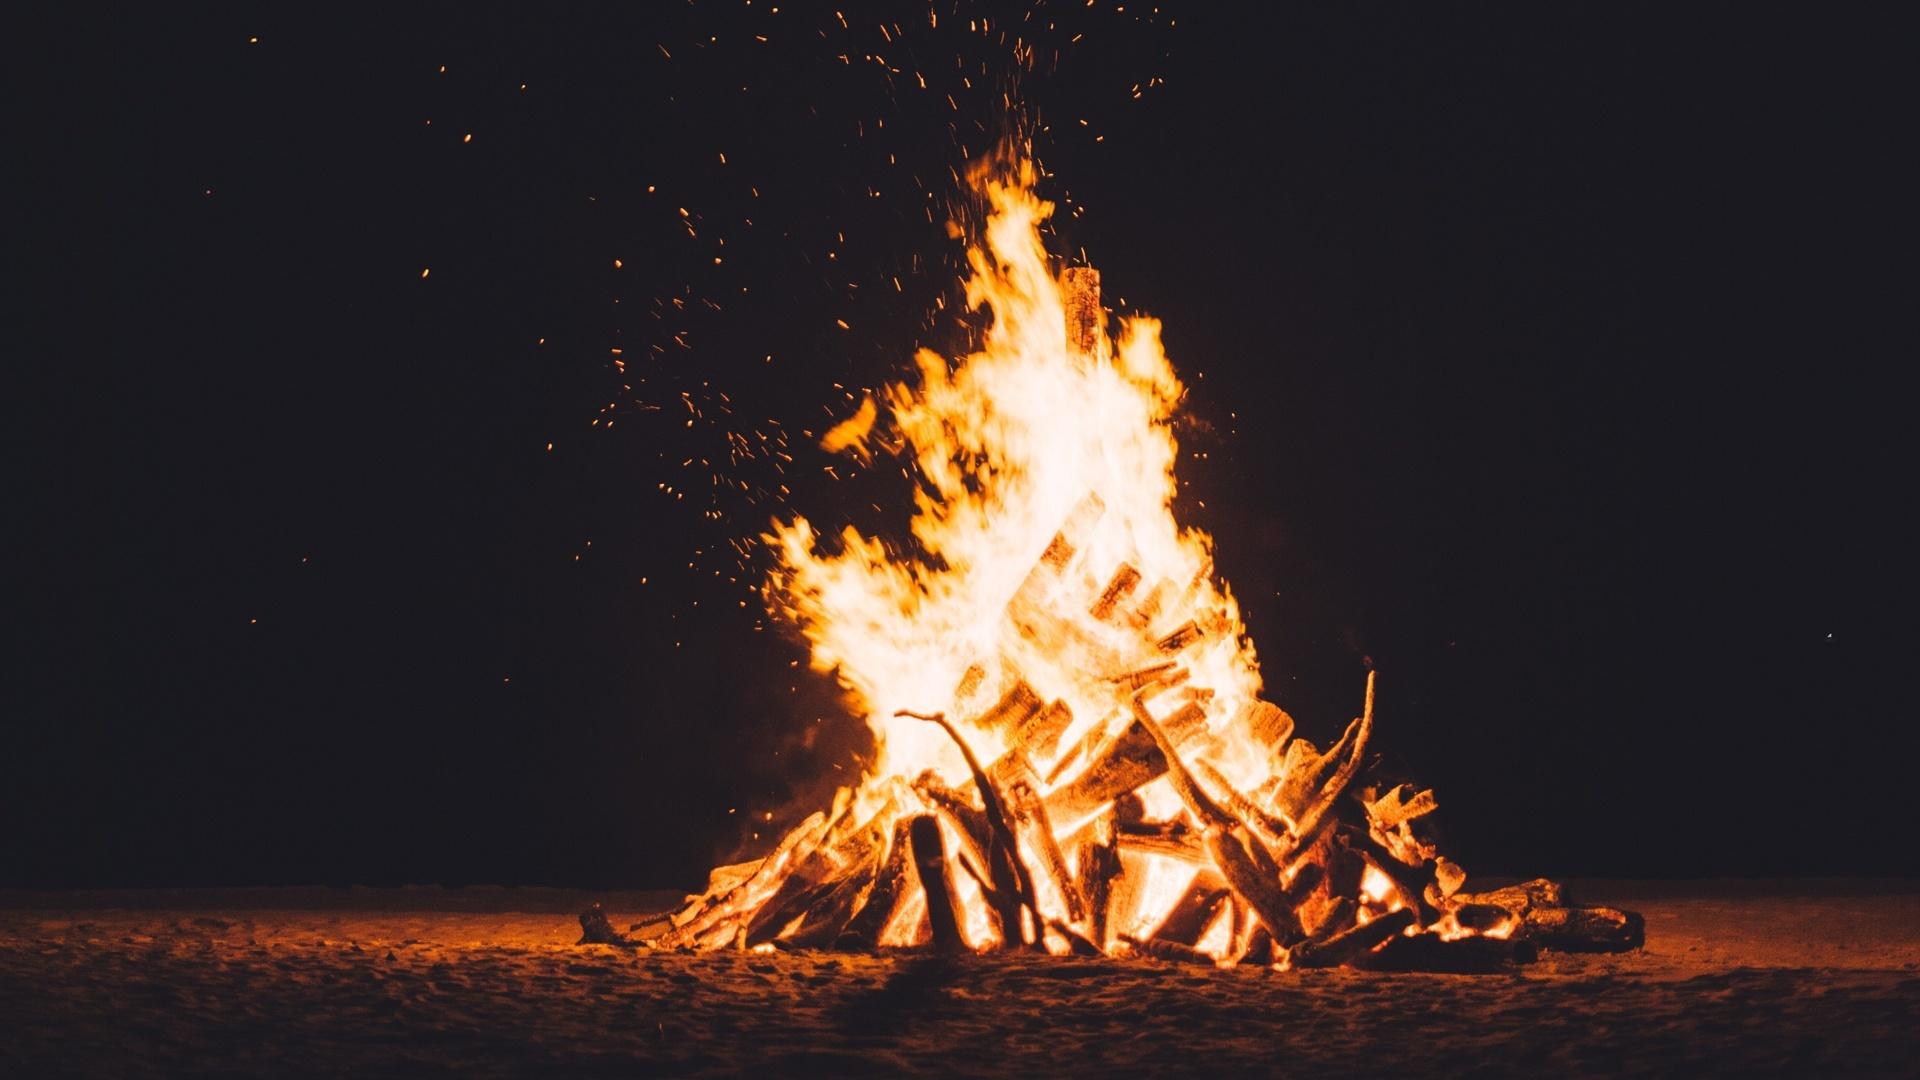 Bonfire Wallpaper